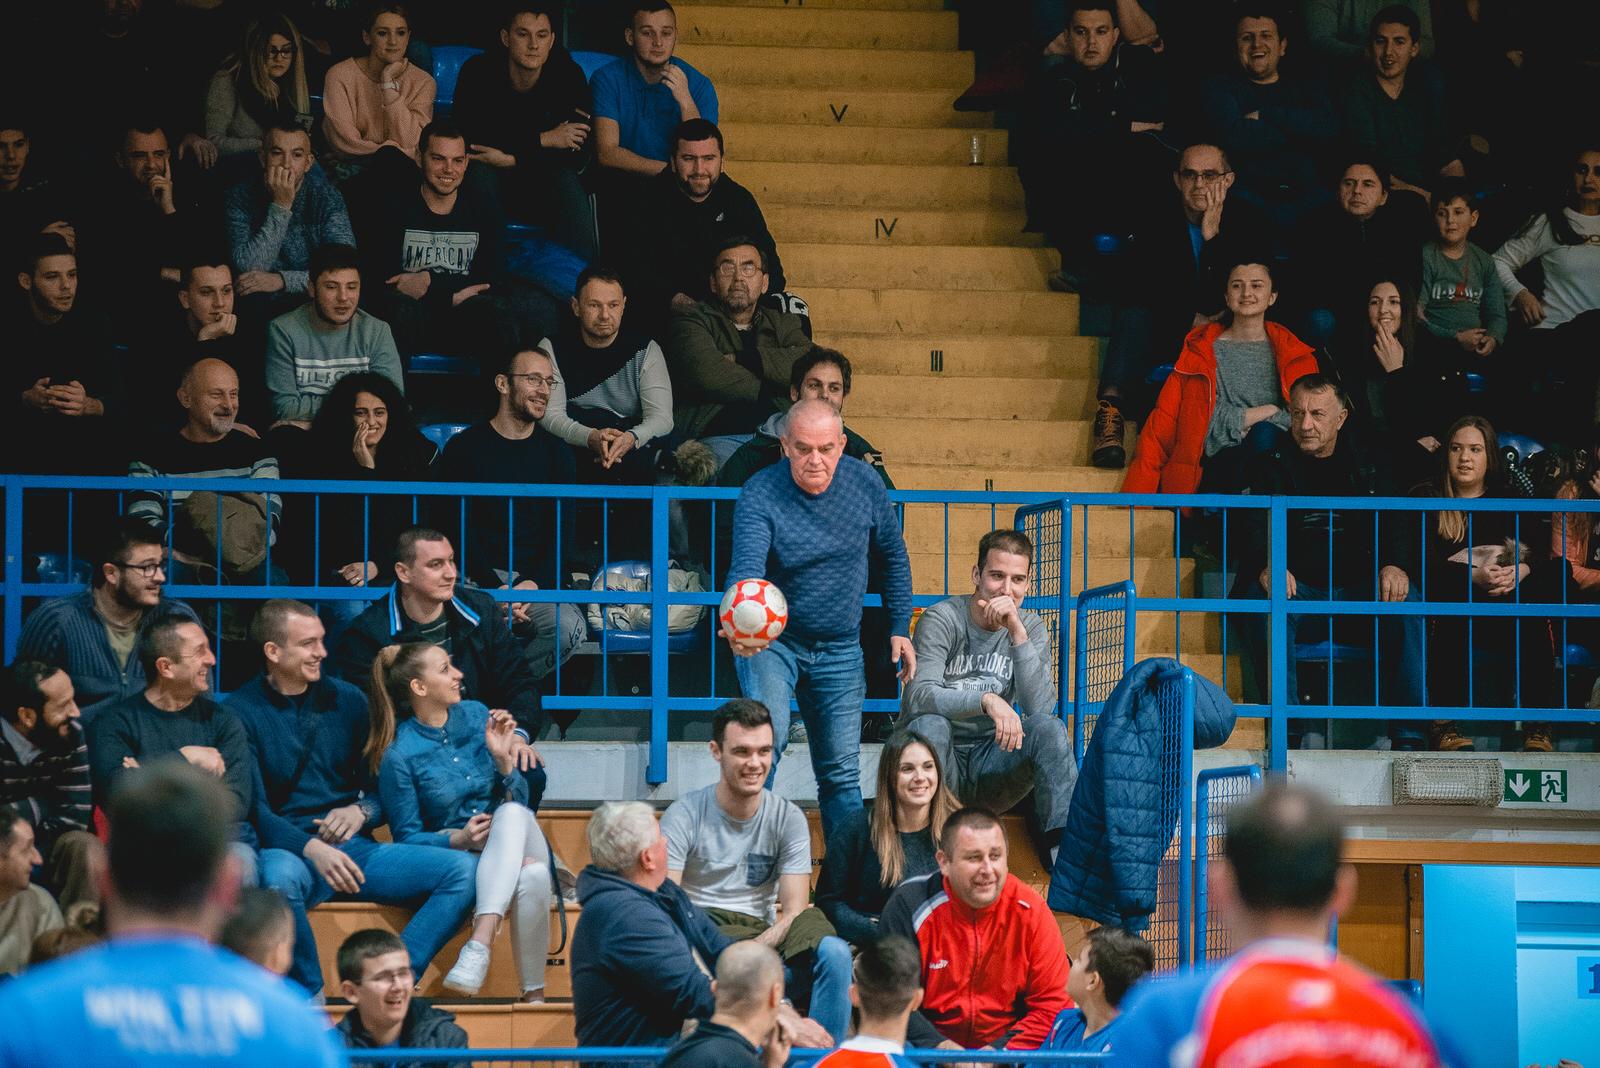 likaclub_gospić_zimski-malonogometni-turnir-2018-19-54